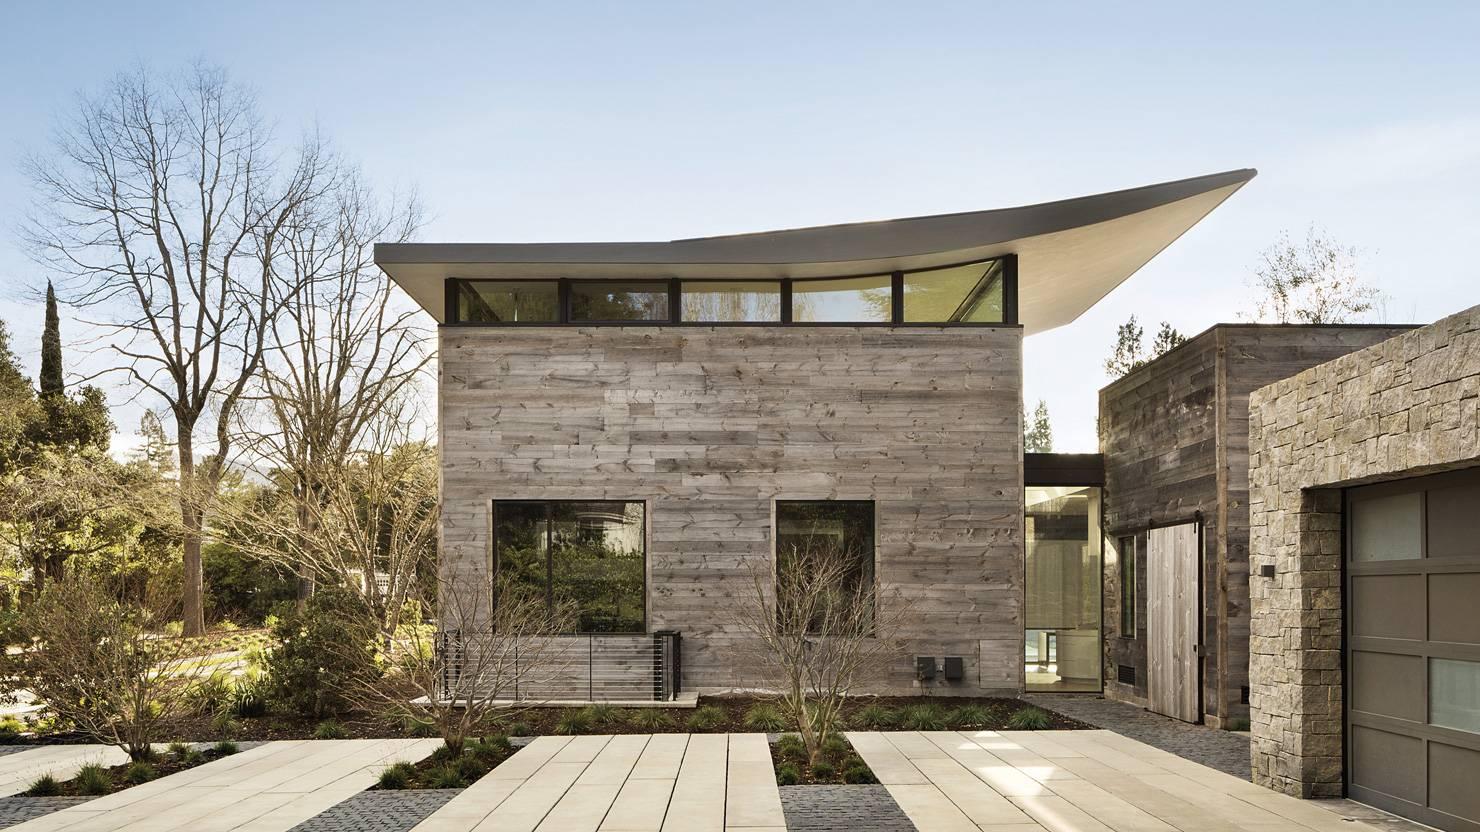 acciaio-zincato-serramenti-facciata-courtyard-house-seccosistemi-2_project_big